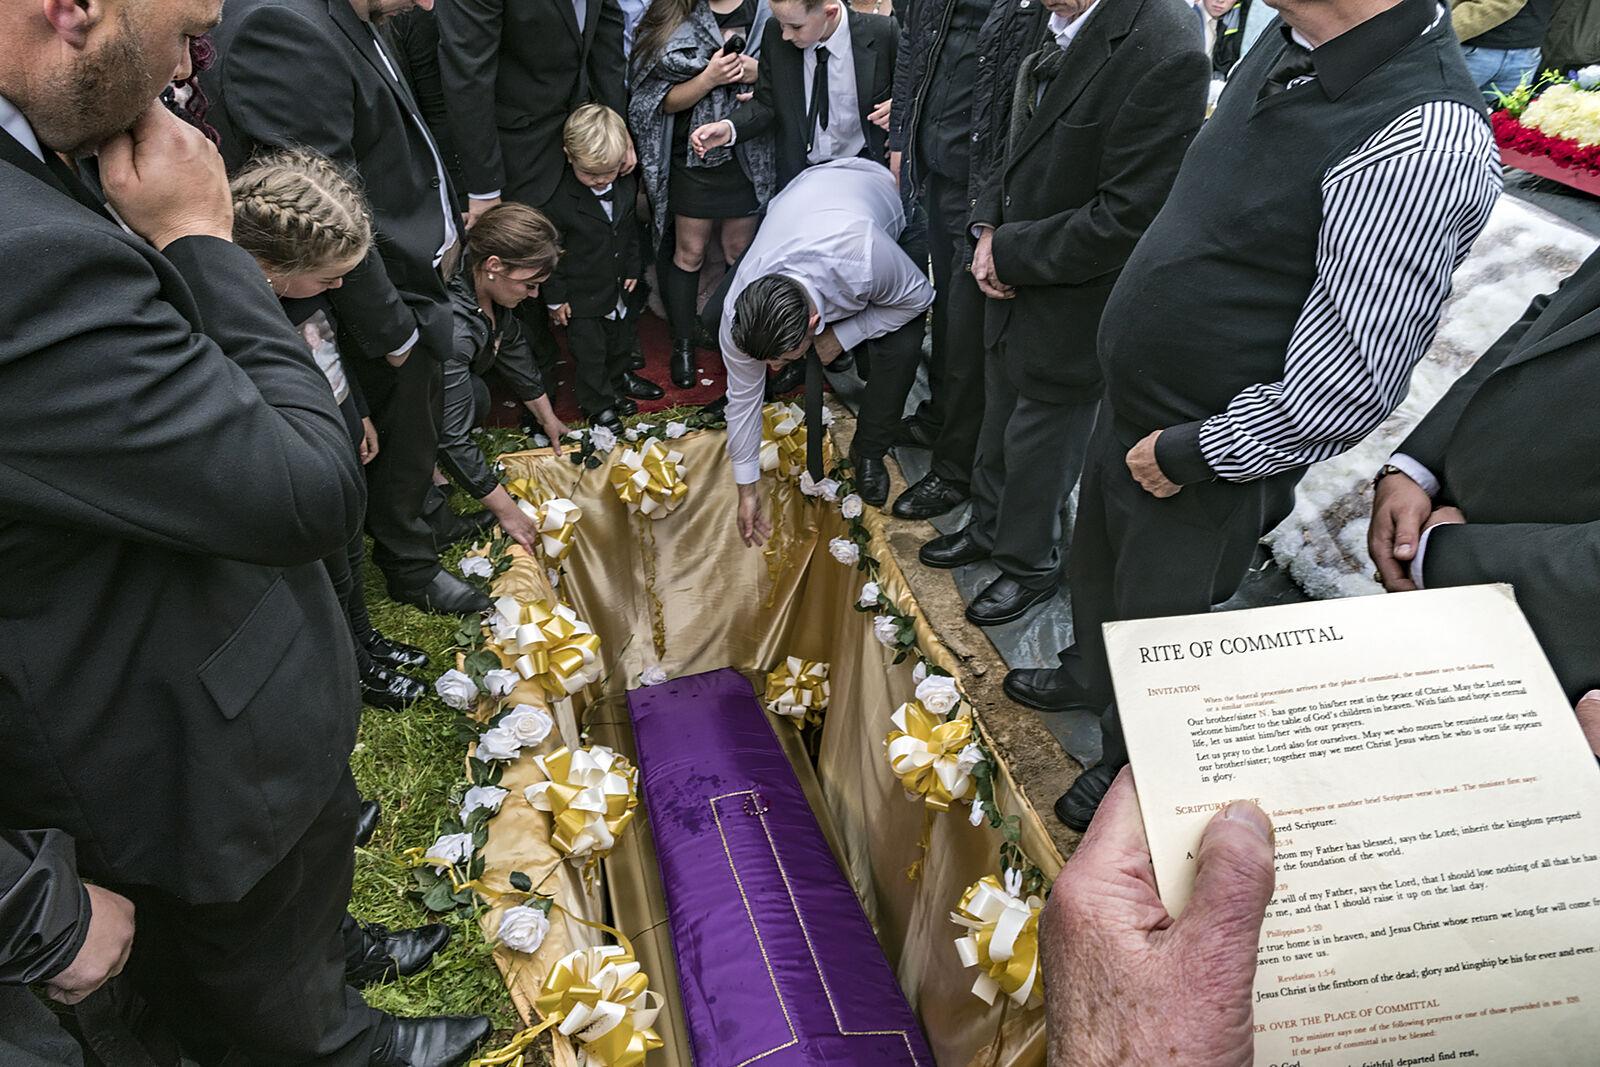 Rite of Committal, John 'The Boss' Faulkner's Funeral, Limerick, Ireland 2019